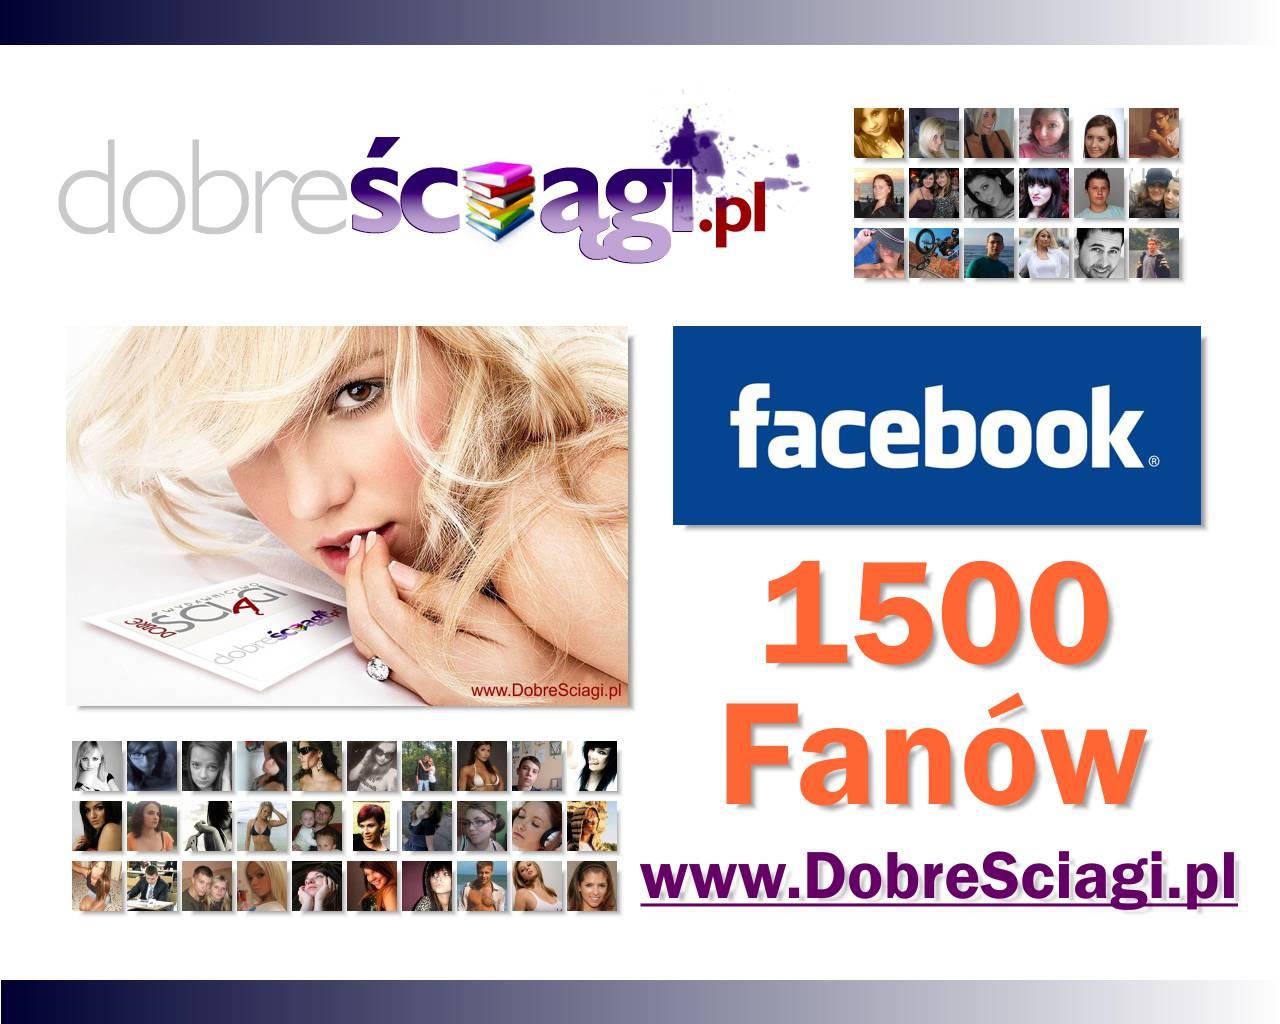 Ściągi DobreSciagi.pl Facebook 1500 fanów